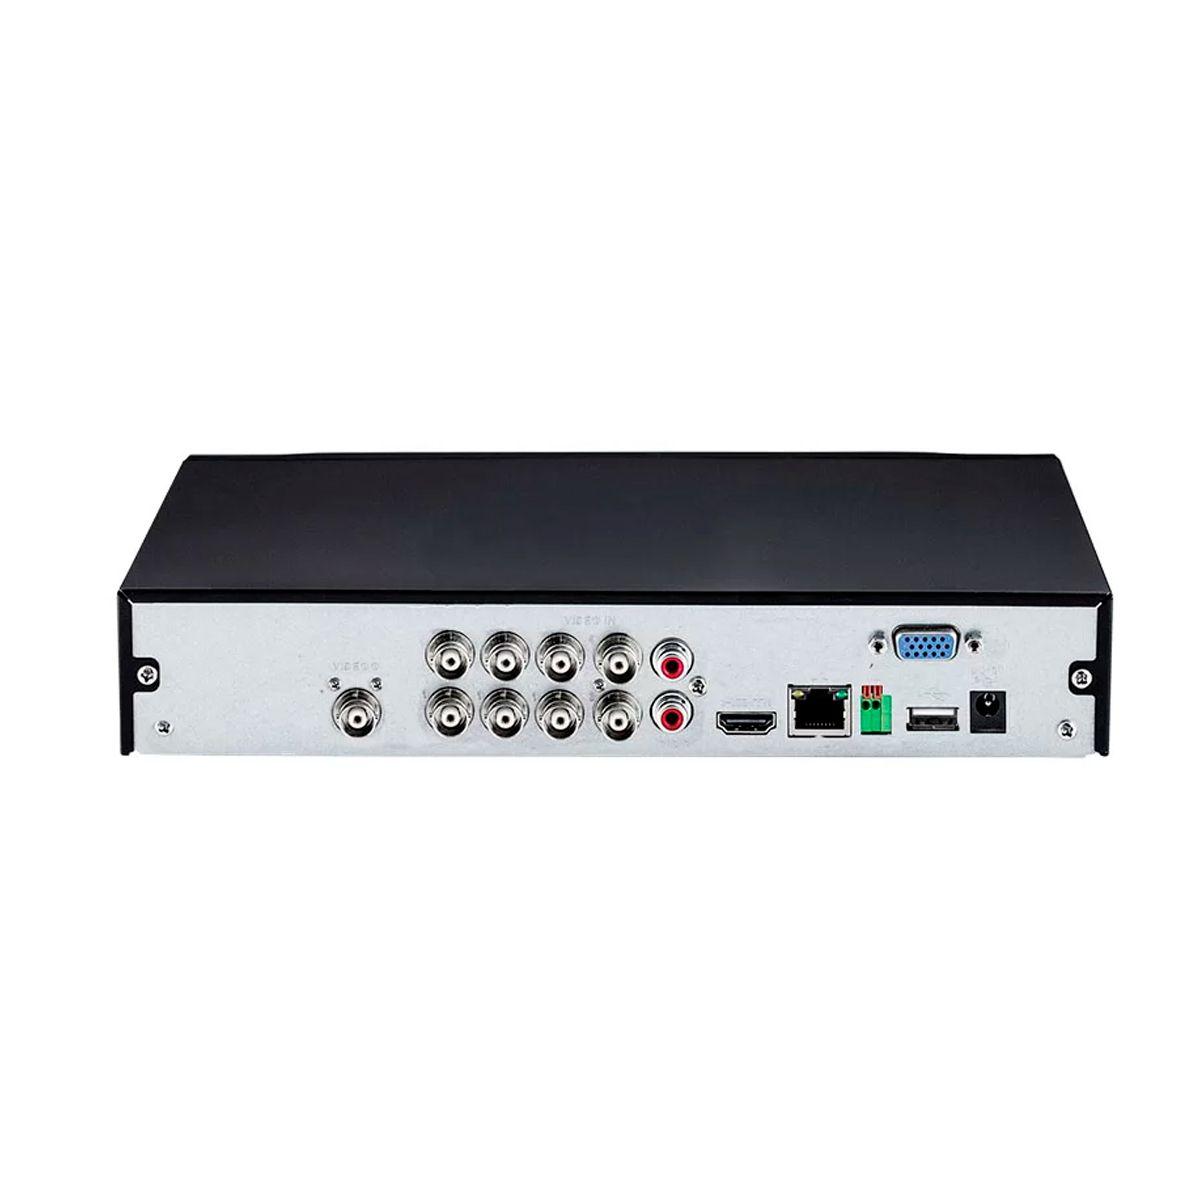 Kit 6 Câmeras VHD 1120 B G5 + DVR Intelbras + HD 1TB para Armazenamento + App Grátis de Monitoramento, Câmeras HD 720p 20m Infravermelho de Visão Noturna Intelbras + Fonte, Cabos e Acessórios  - Tudo Forte